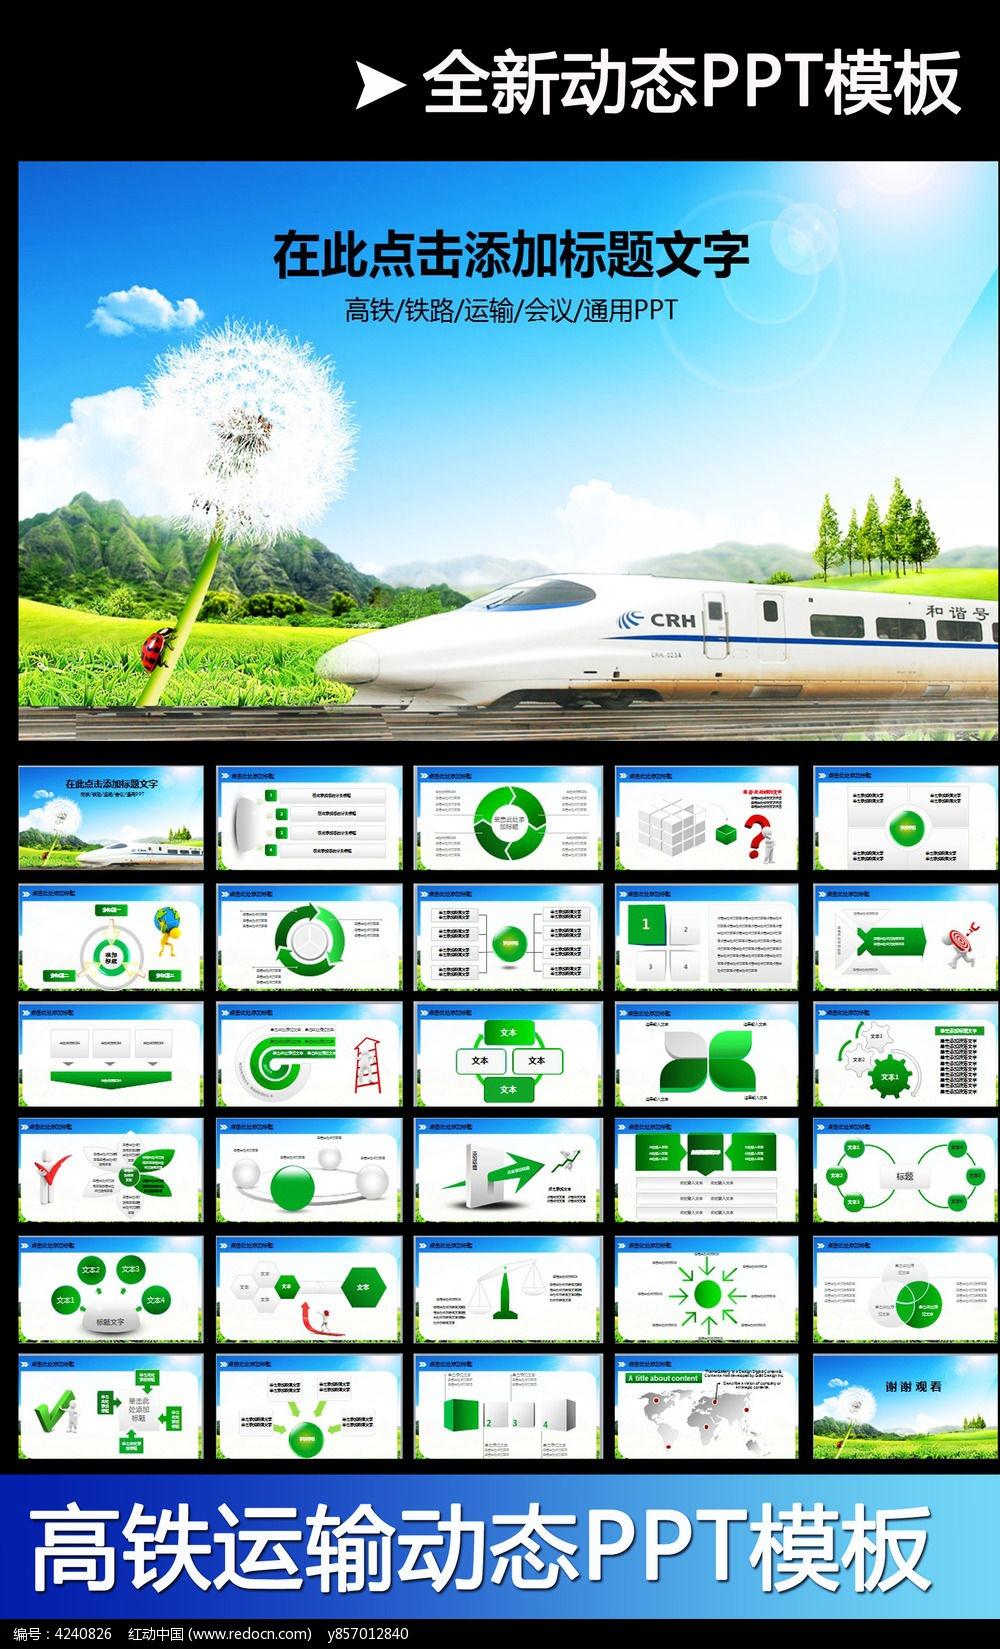 标签:PPT 模板 背景 图表 工作 会议 报告 交流 年终总结 计划 动态 幻